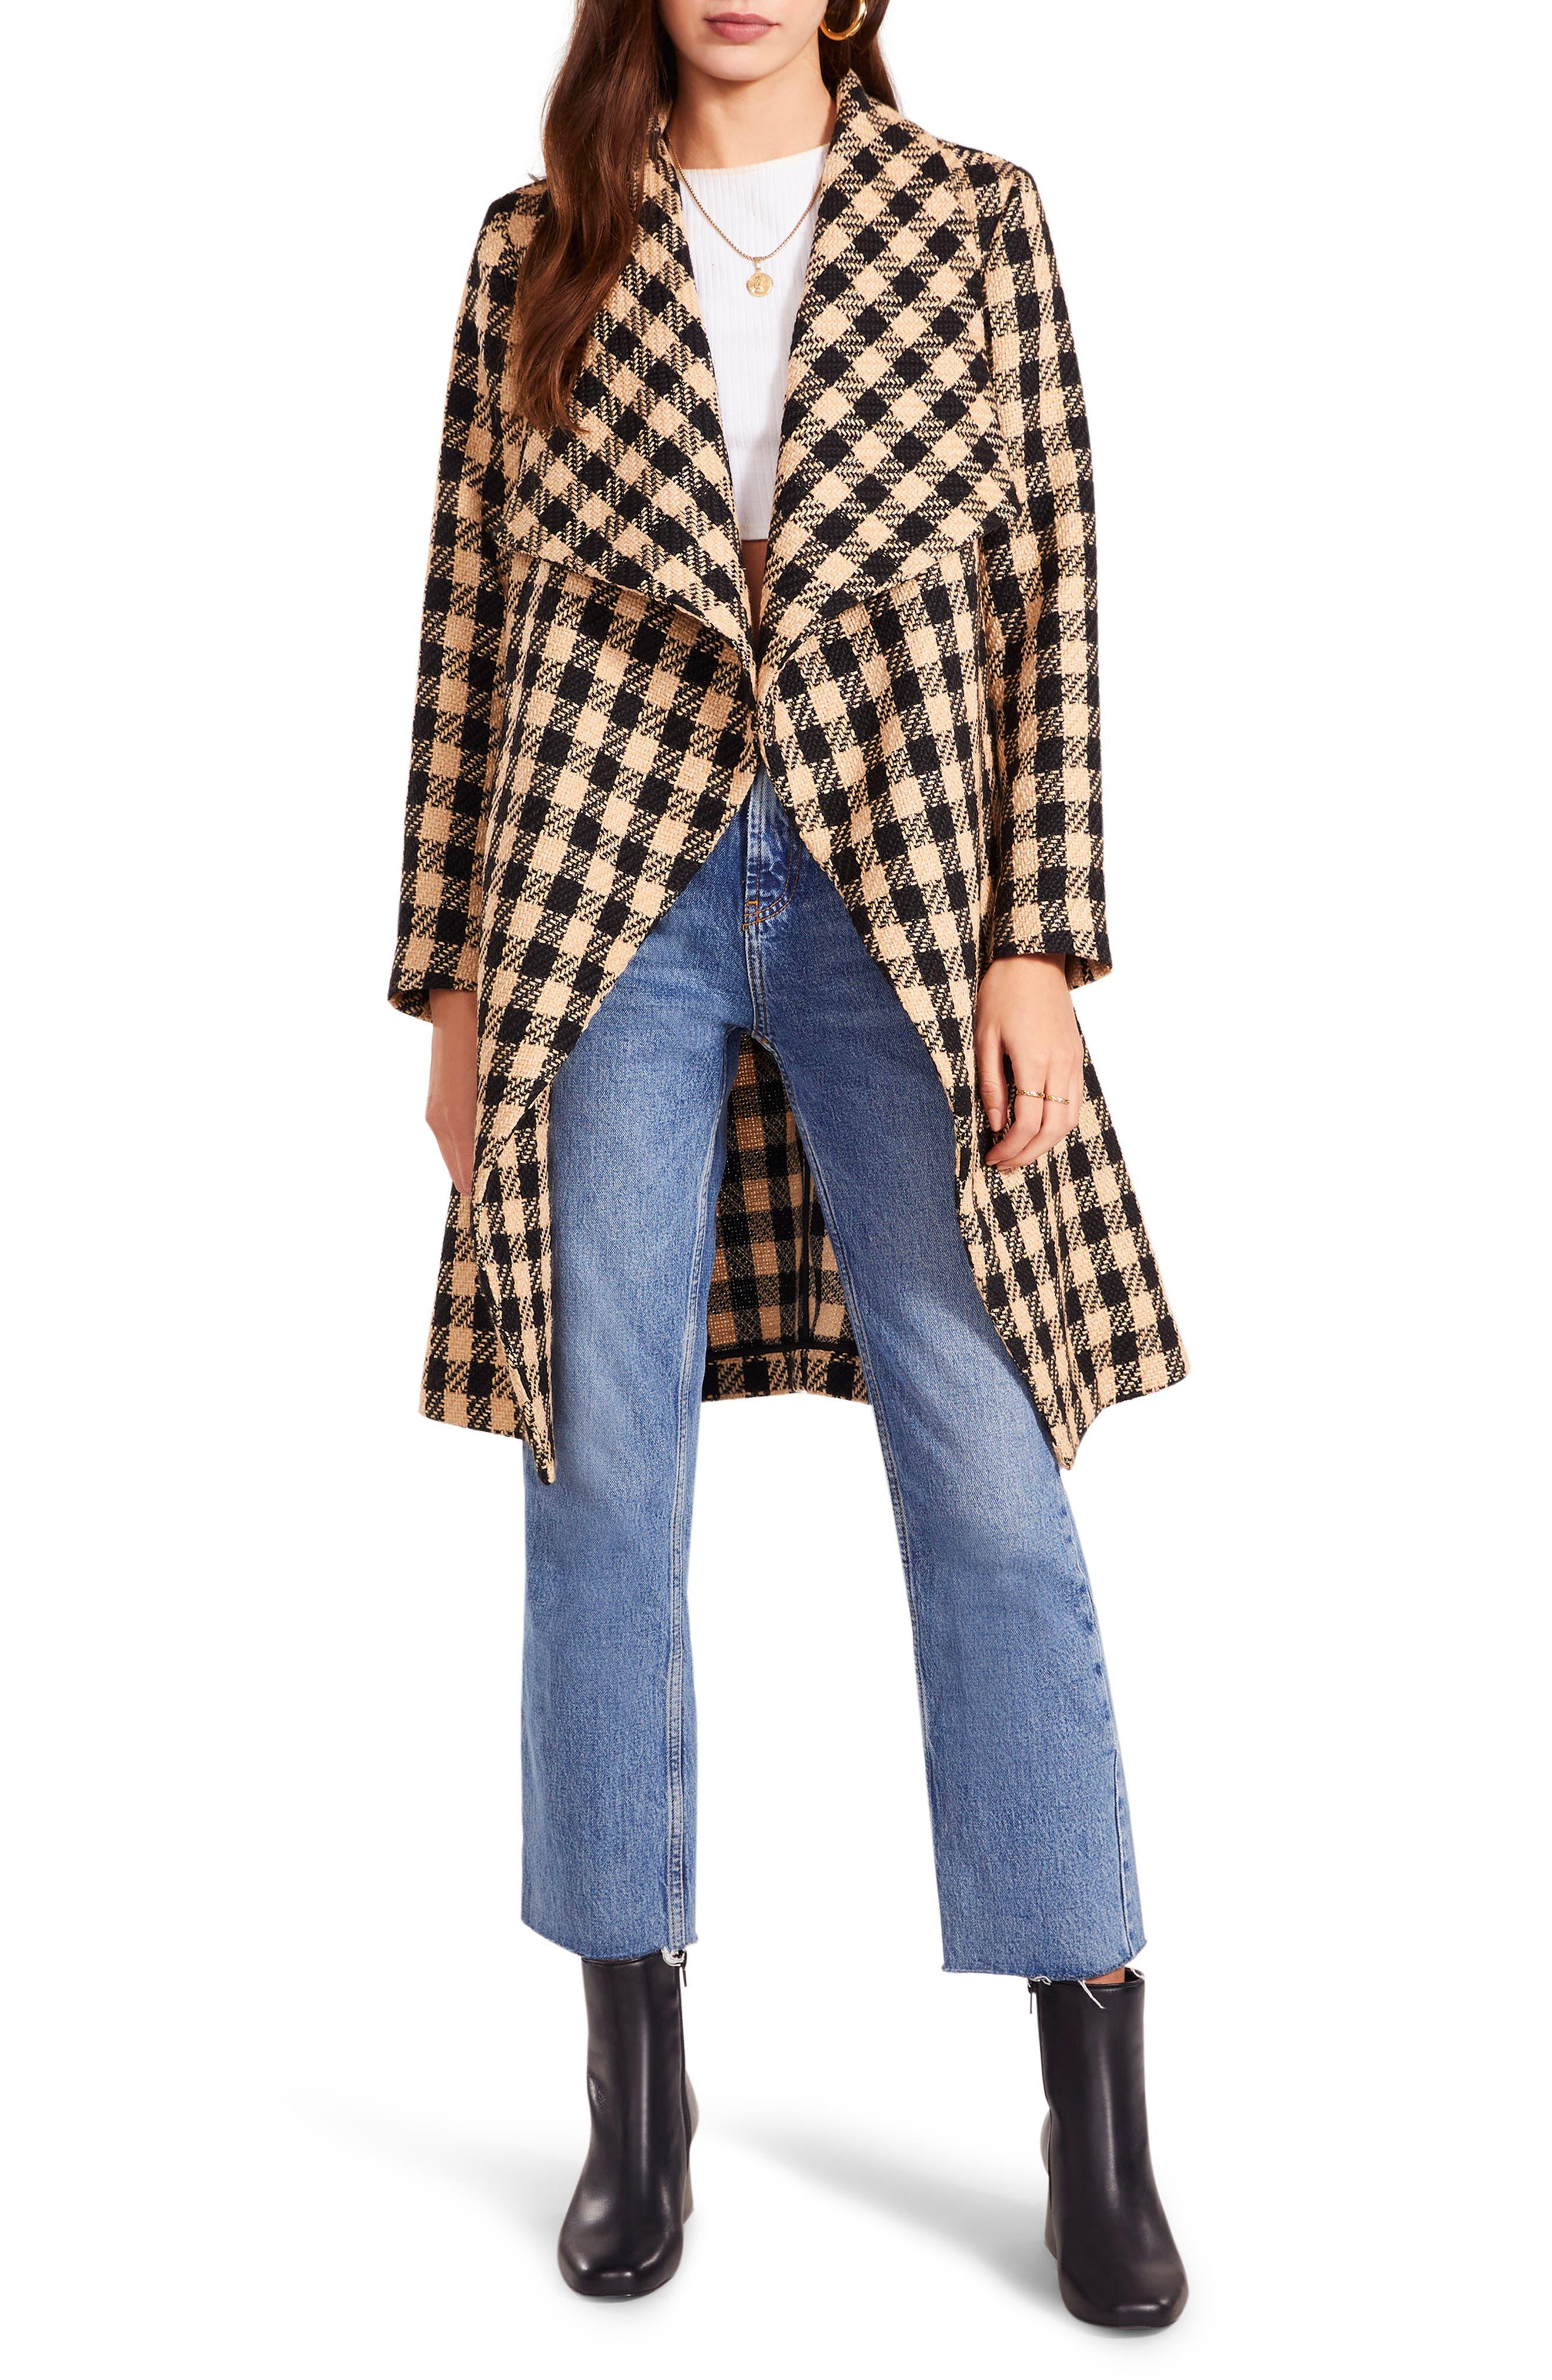 Take Out Check Drape Coat